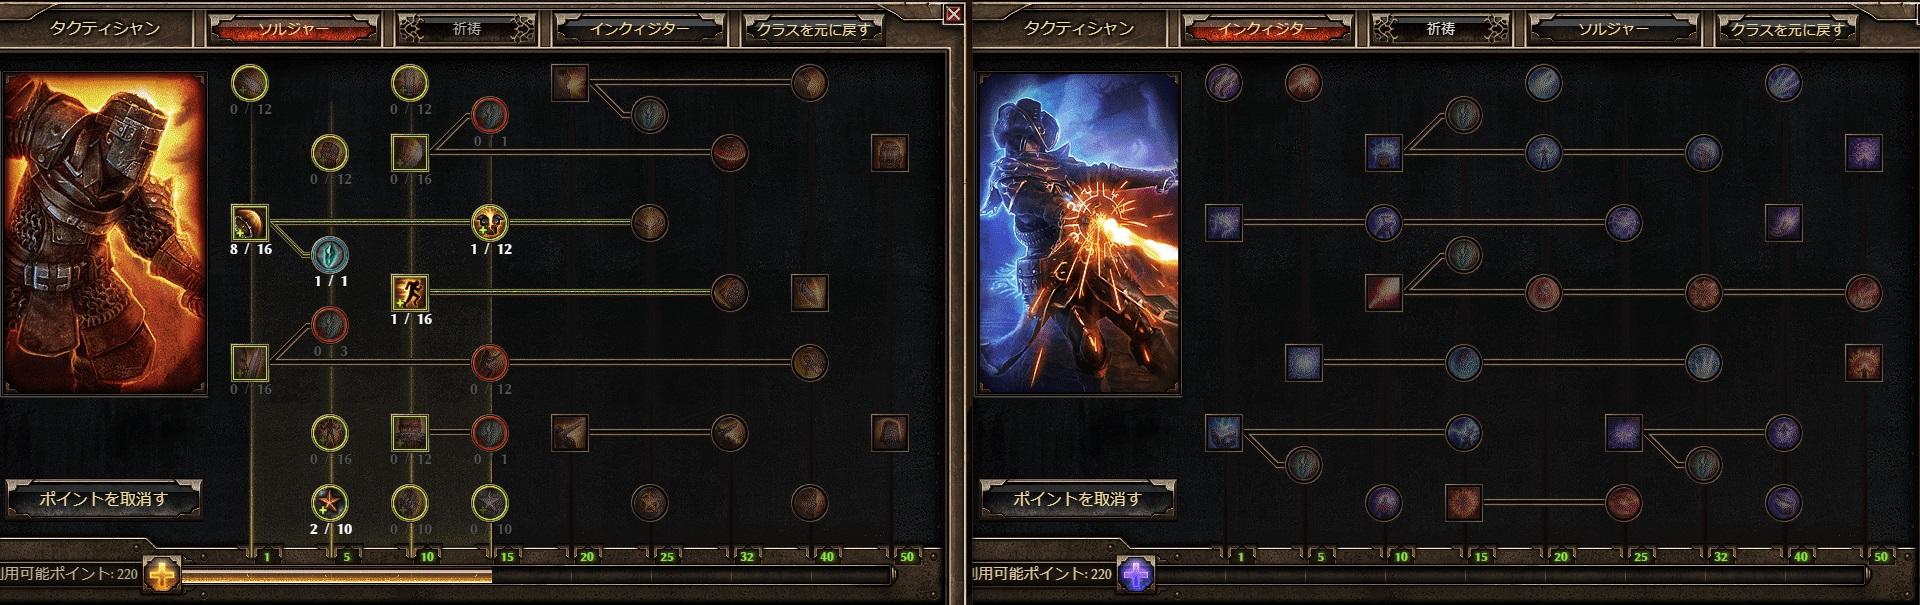 Lv10_0.jpg